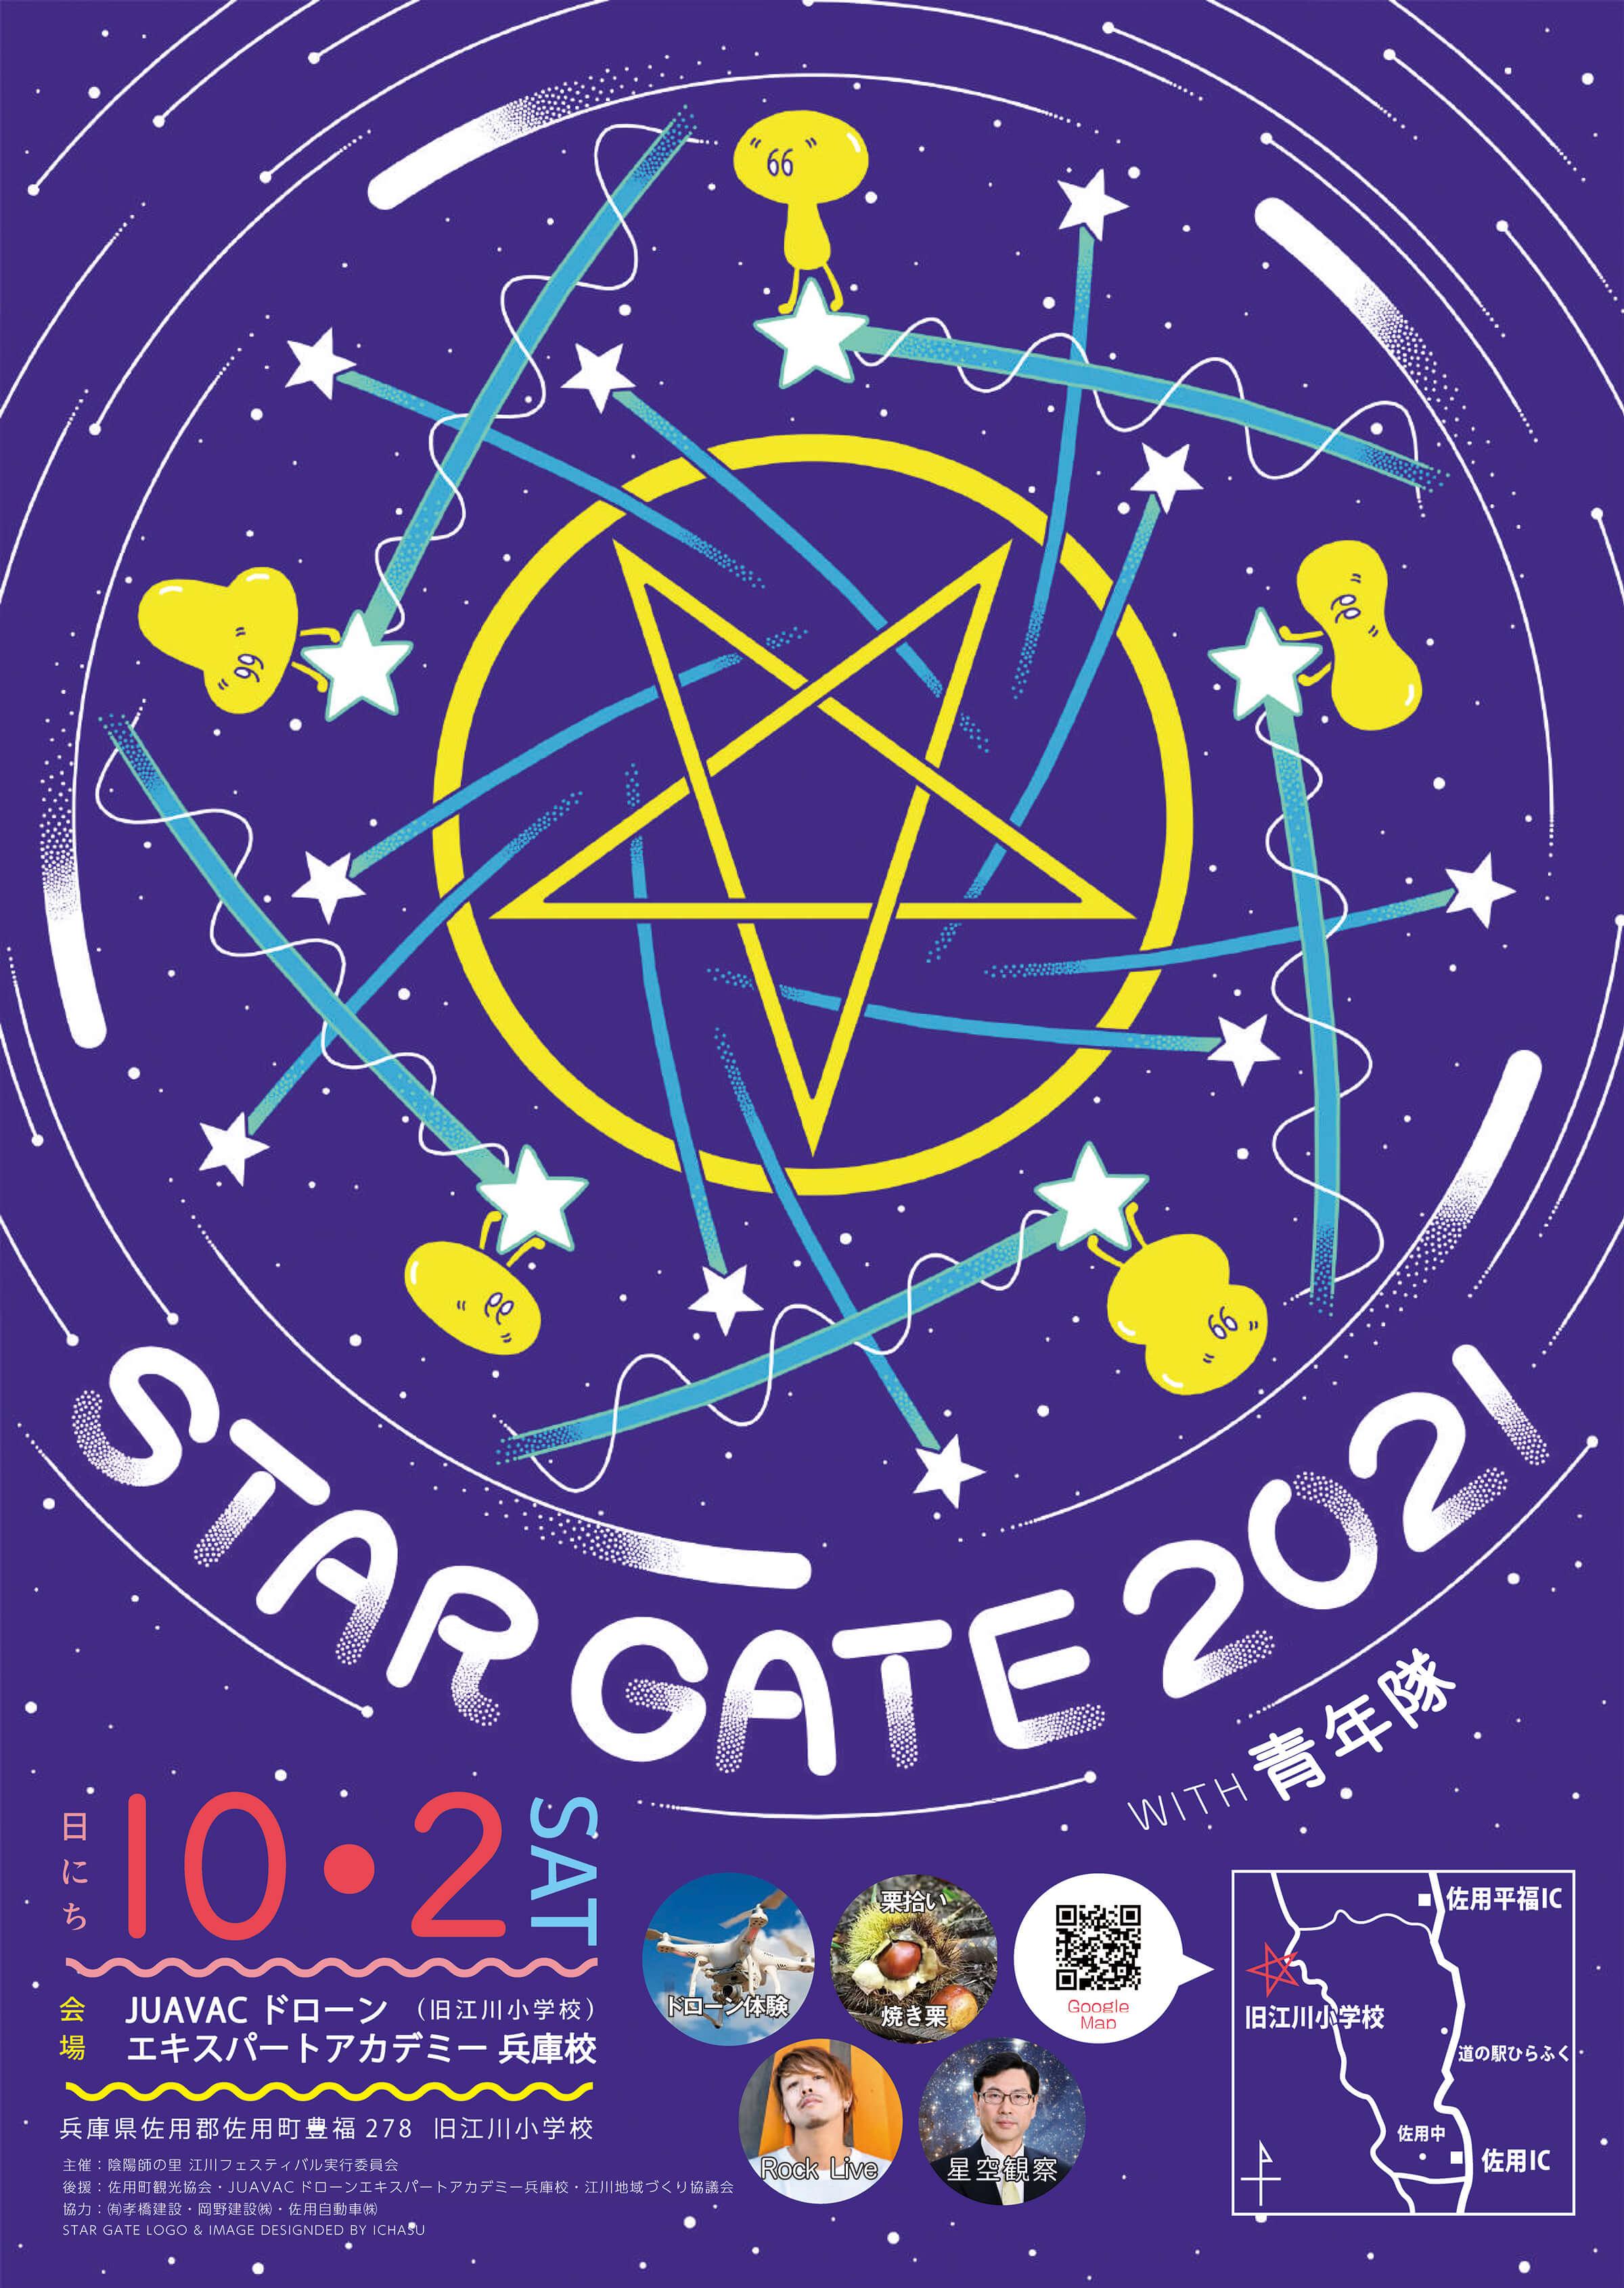 STAR GATE 2021 10/2 (土) @ 佐用町旧江川小学校 にて展示販売します